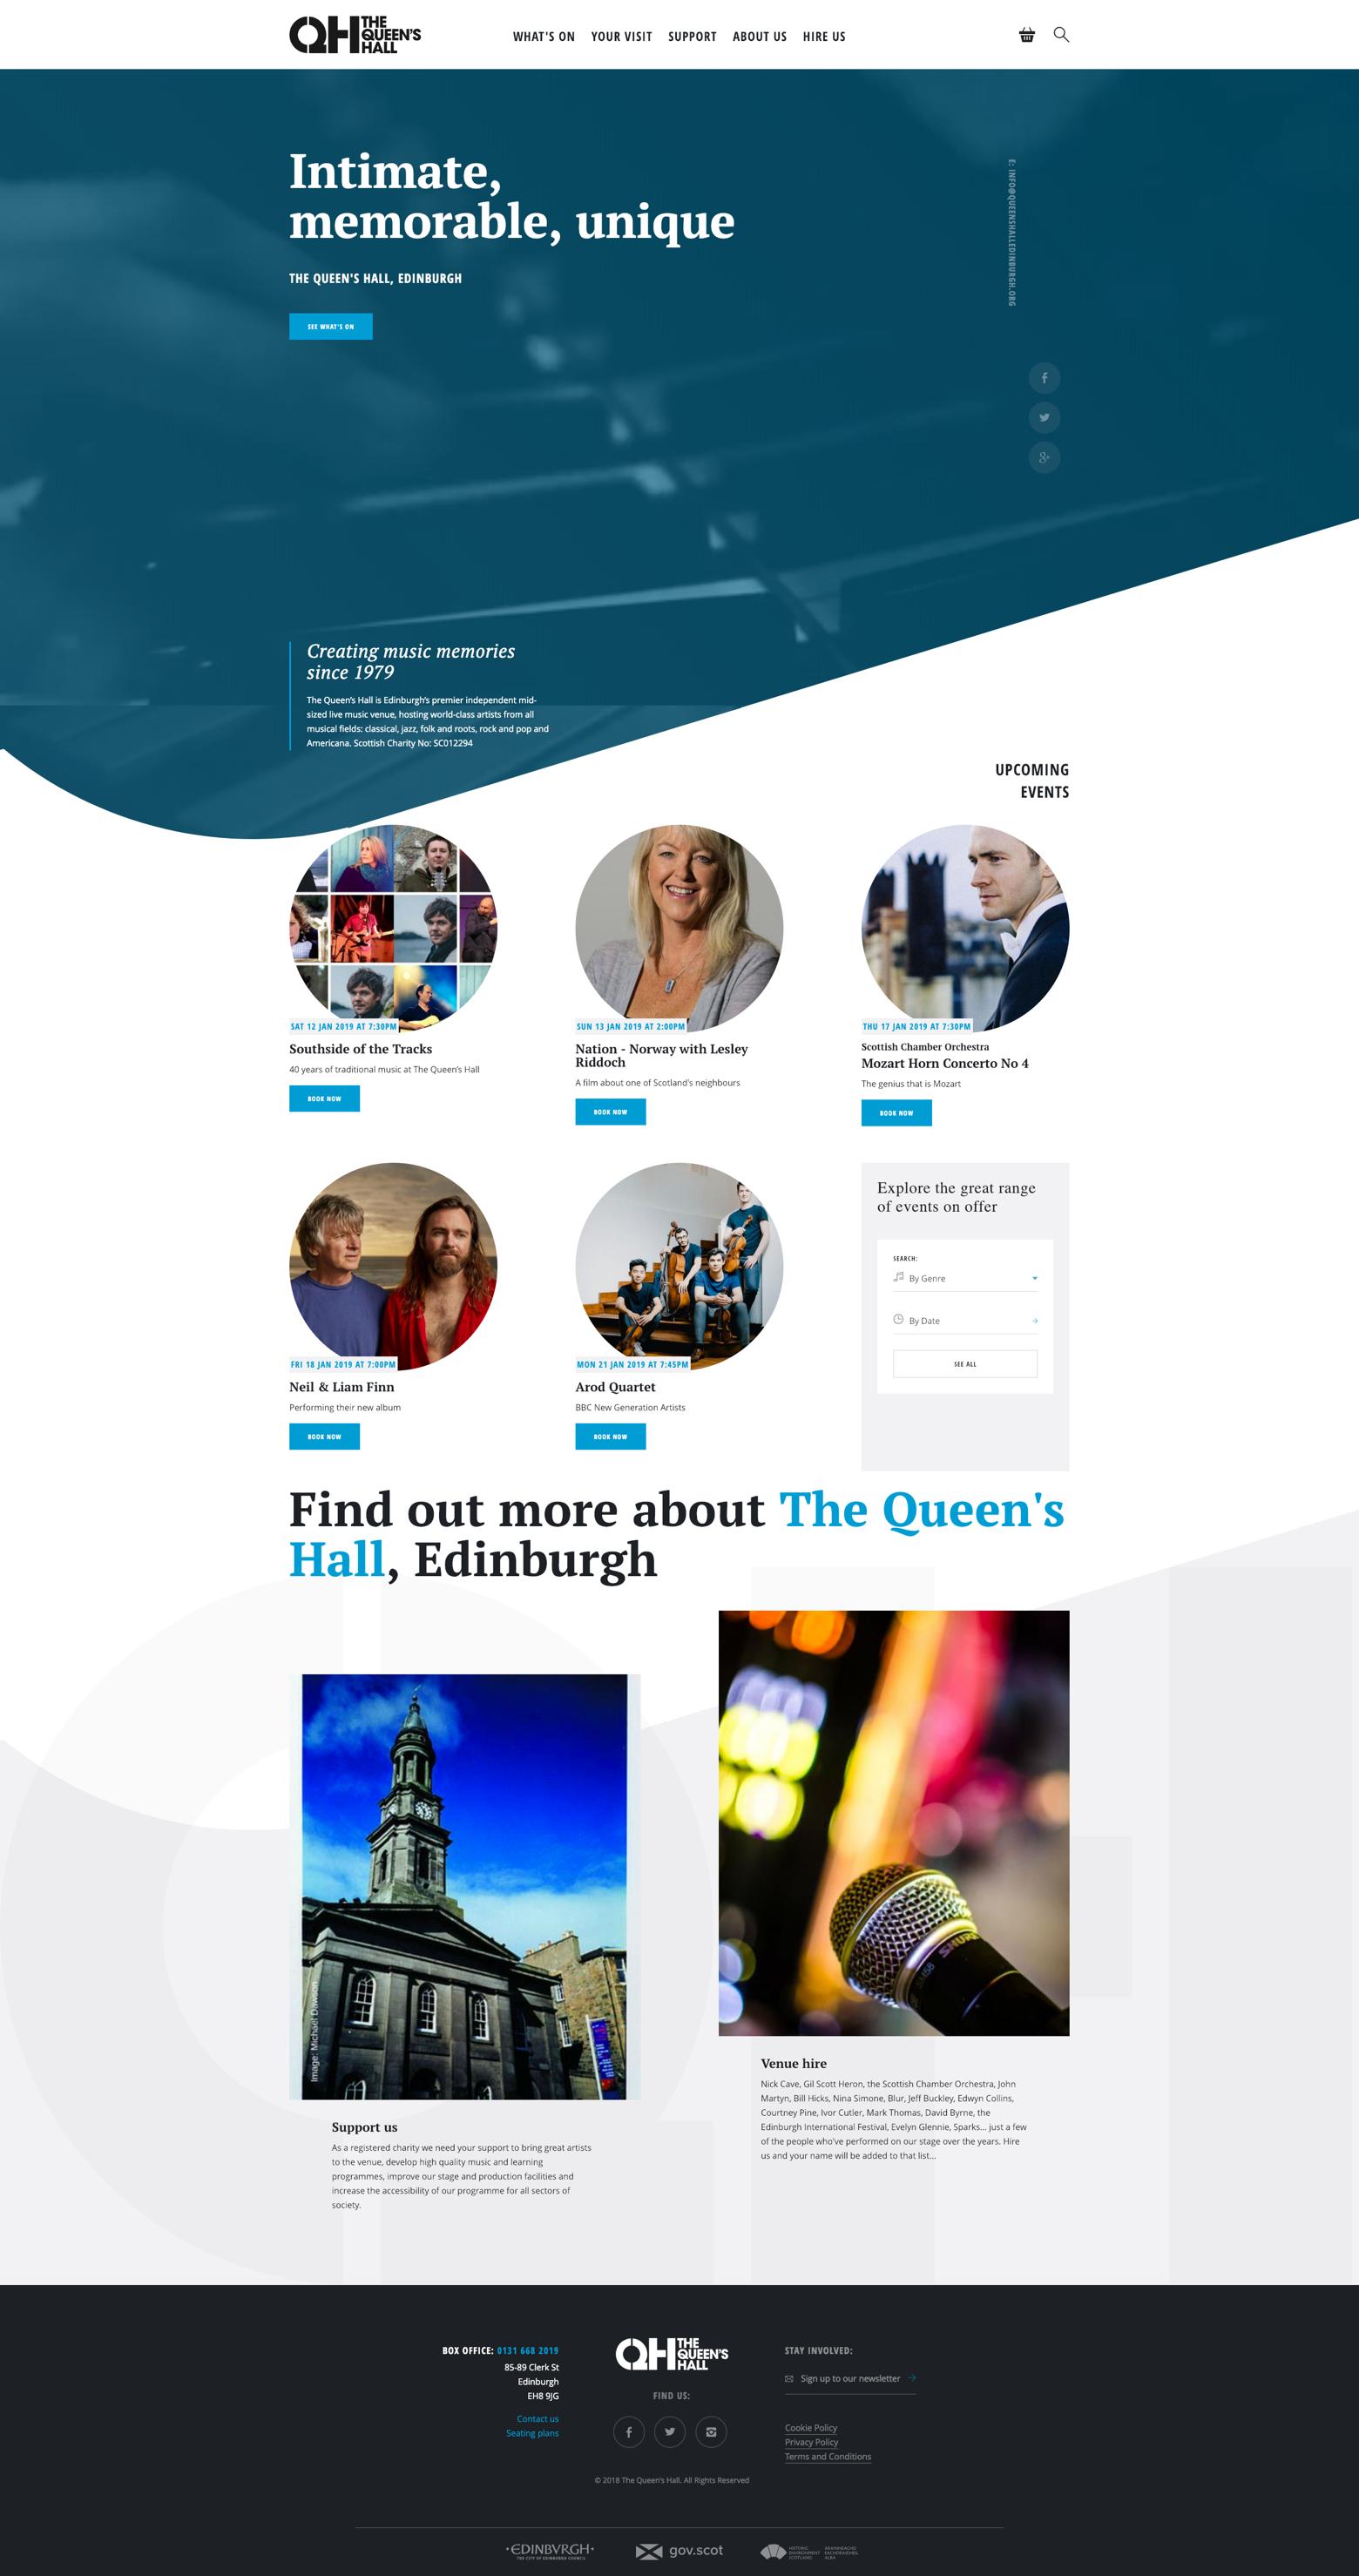 Screenshot of The Queen's Hall website